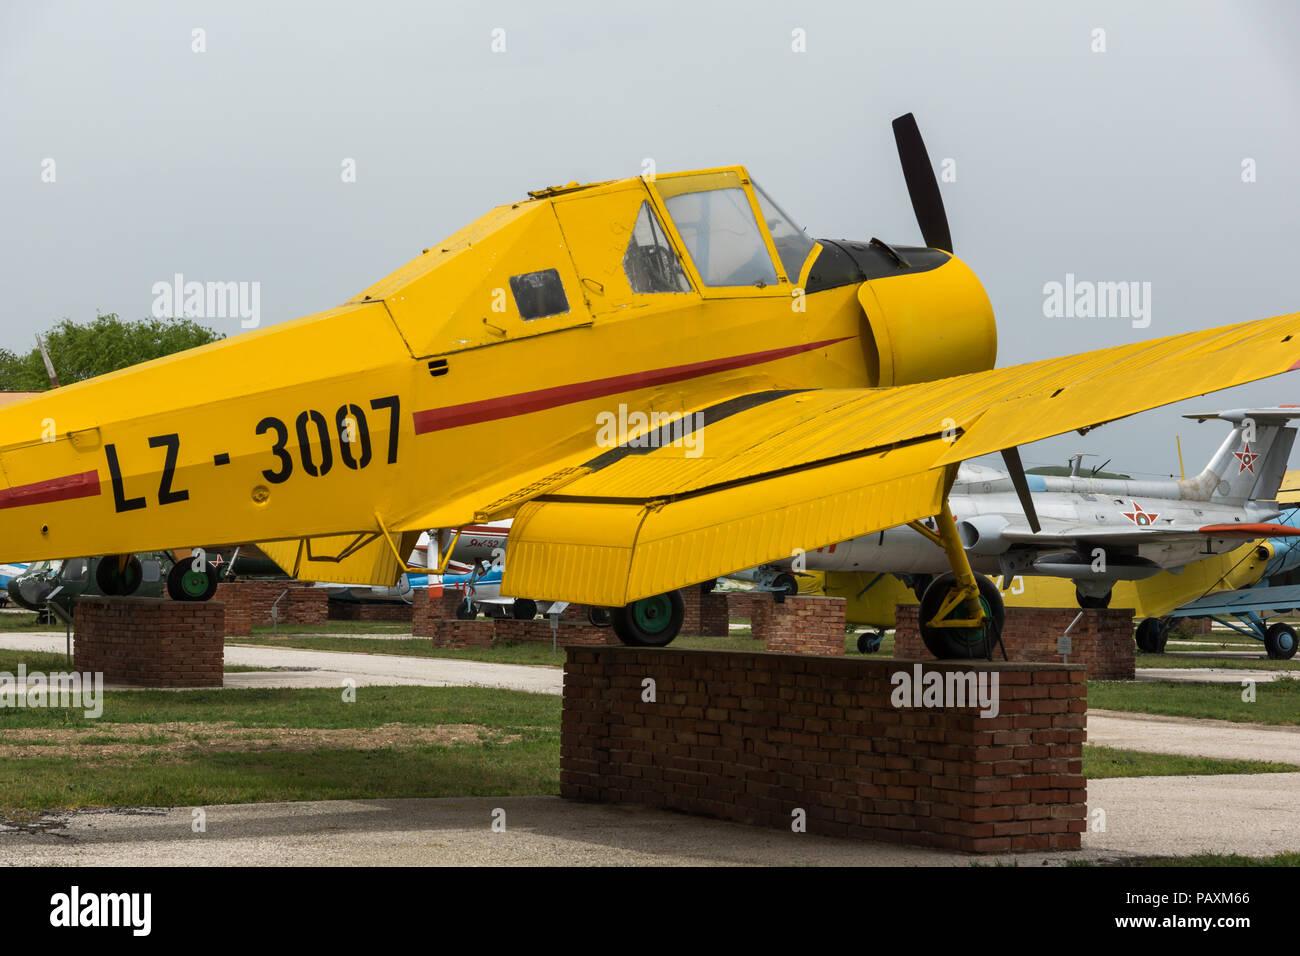 KRUMOVO, PLOVDIV, BULGARIA - 29 APRIL 2017: Plane LZ 3007 inAviation Museum near Plovdiv Airport, Bulgaria Stock Photo